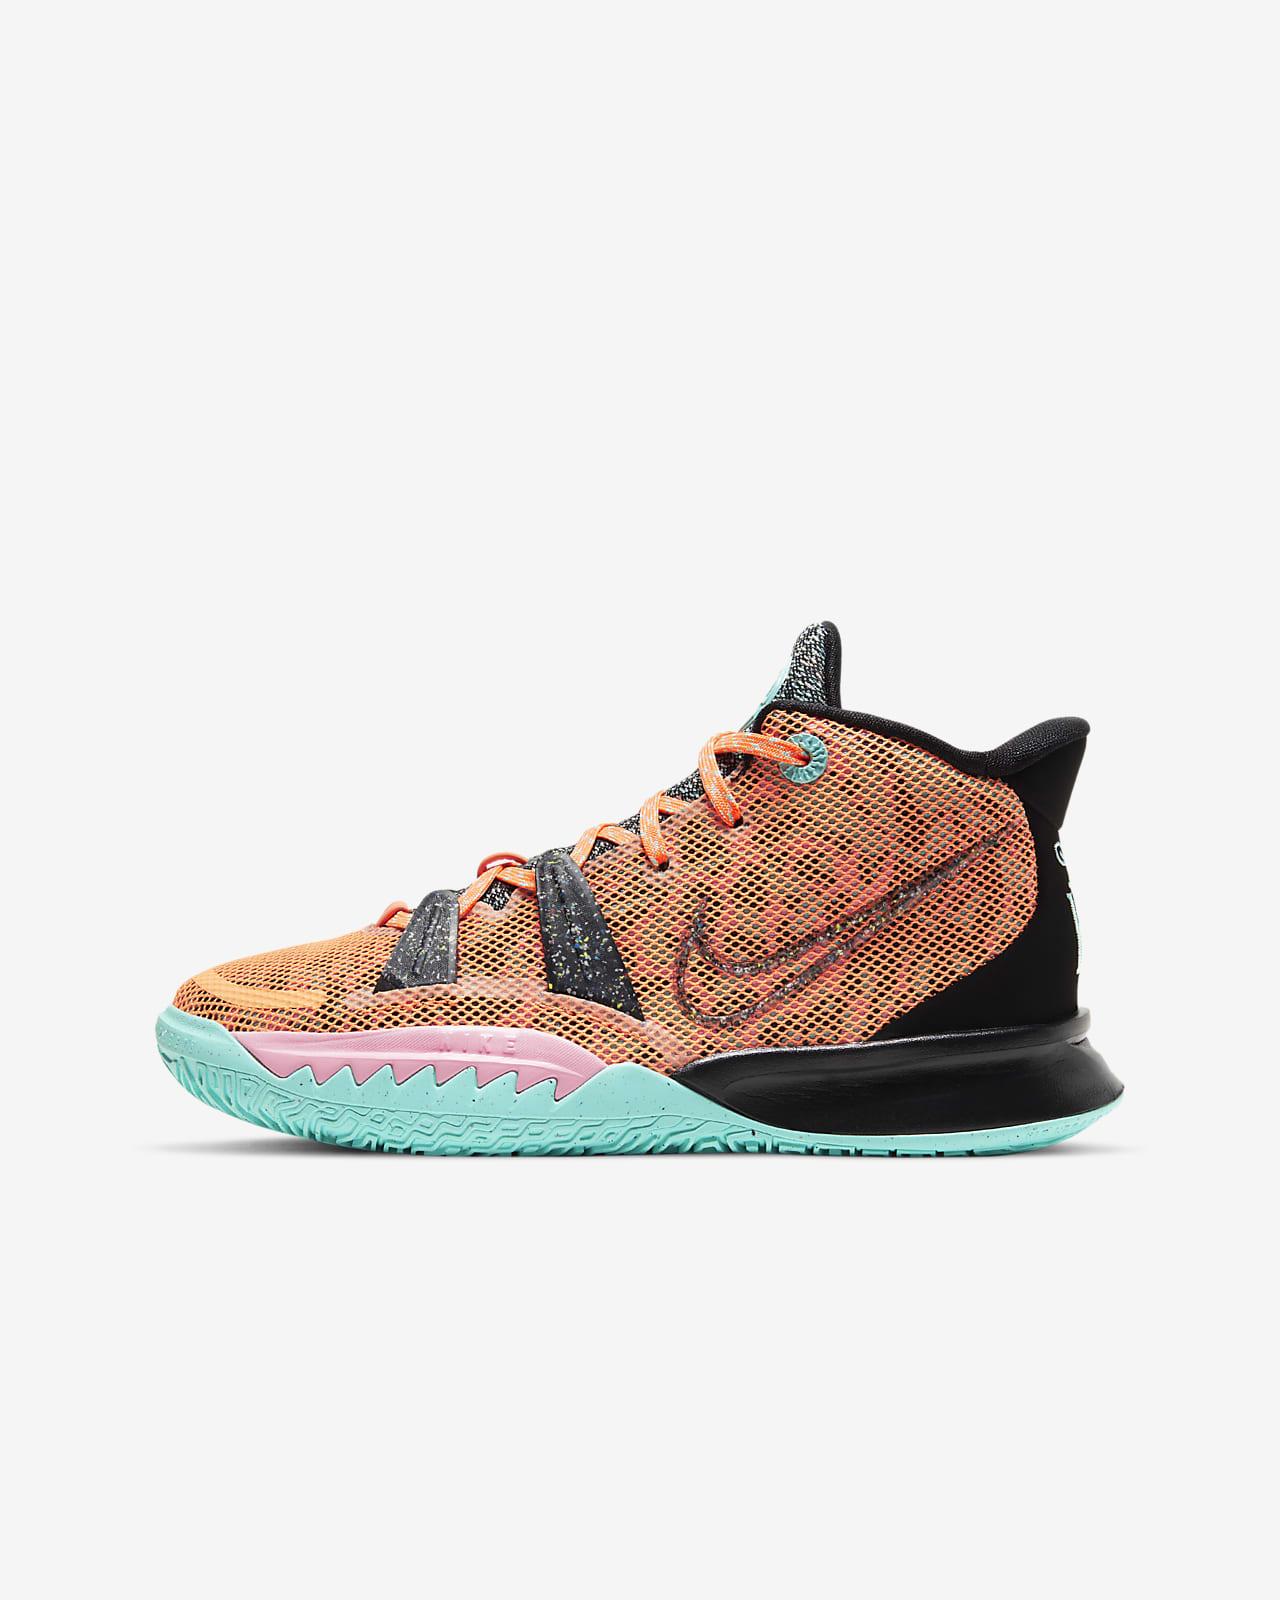 Kyrie 7 ASW Big Kids' Basketball Shoes